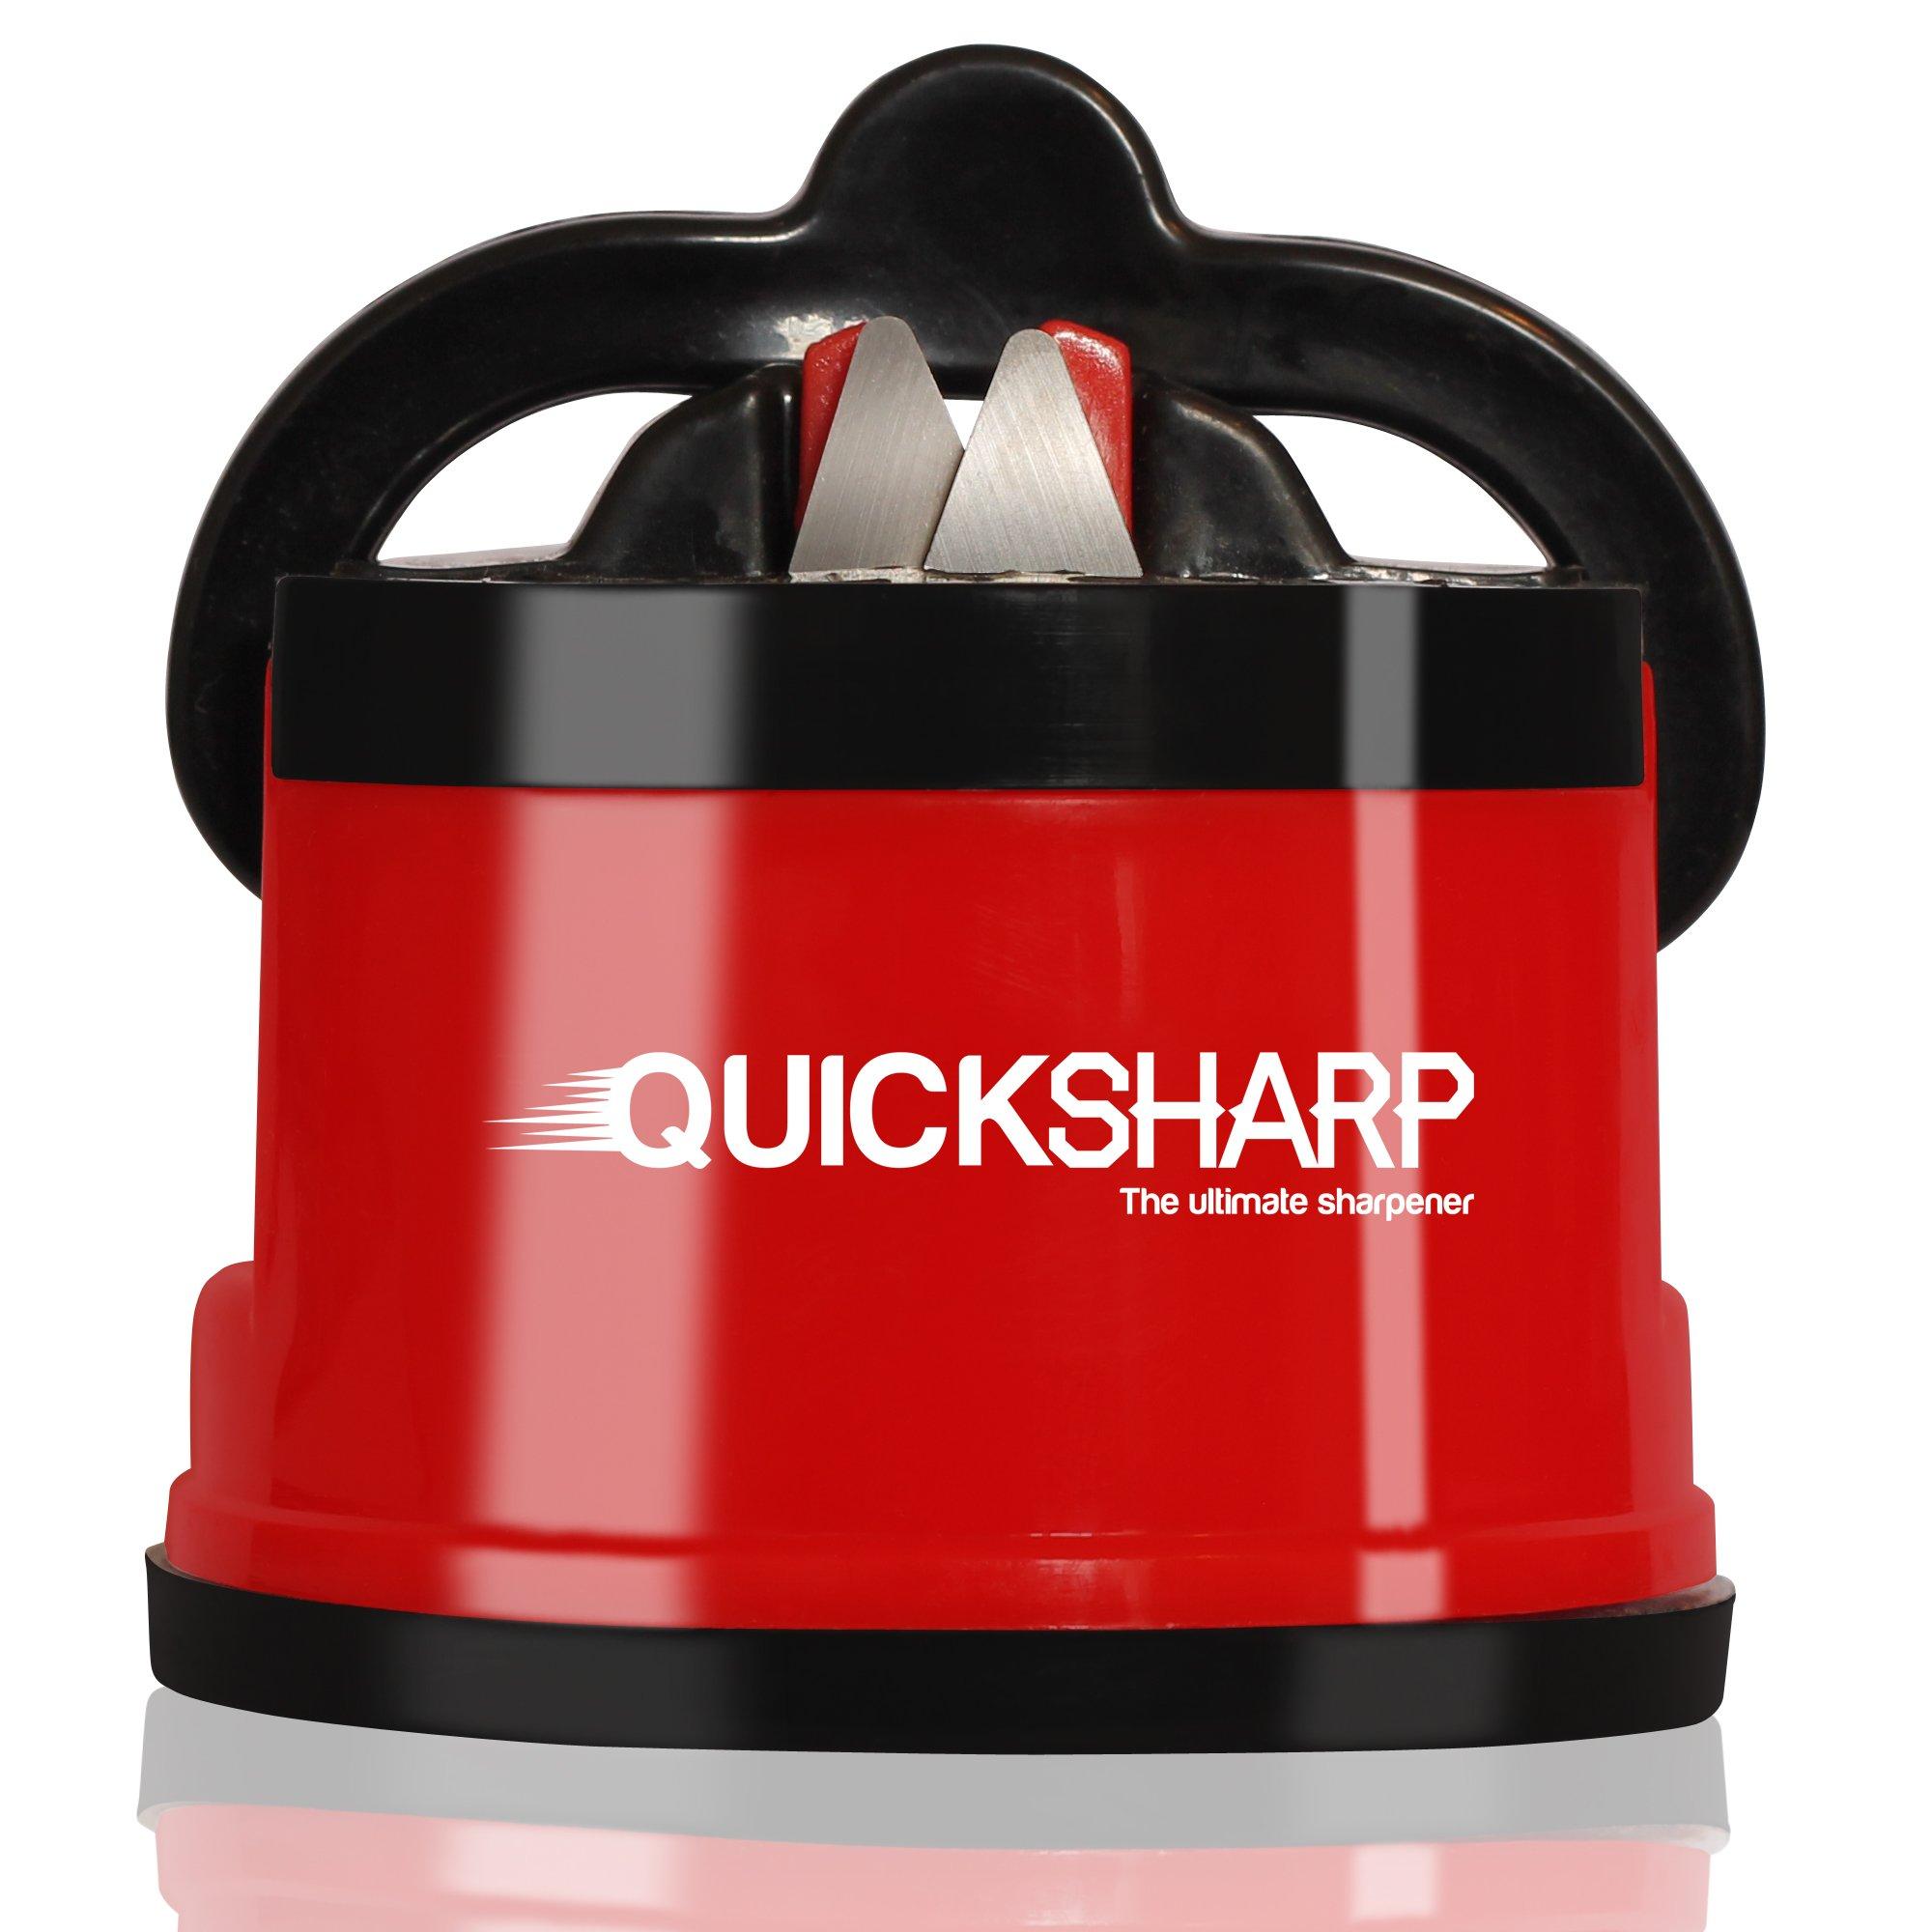 QuickSharp EasyPRO Aiguiseur de Couteaux avec Ventouse Sécurité | Rouge product image